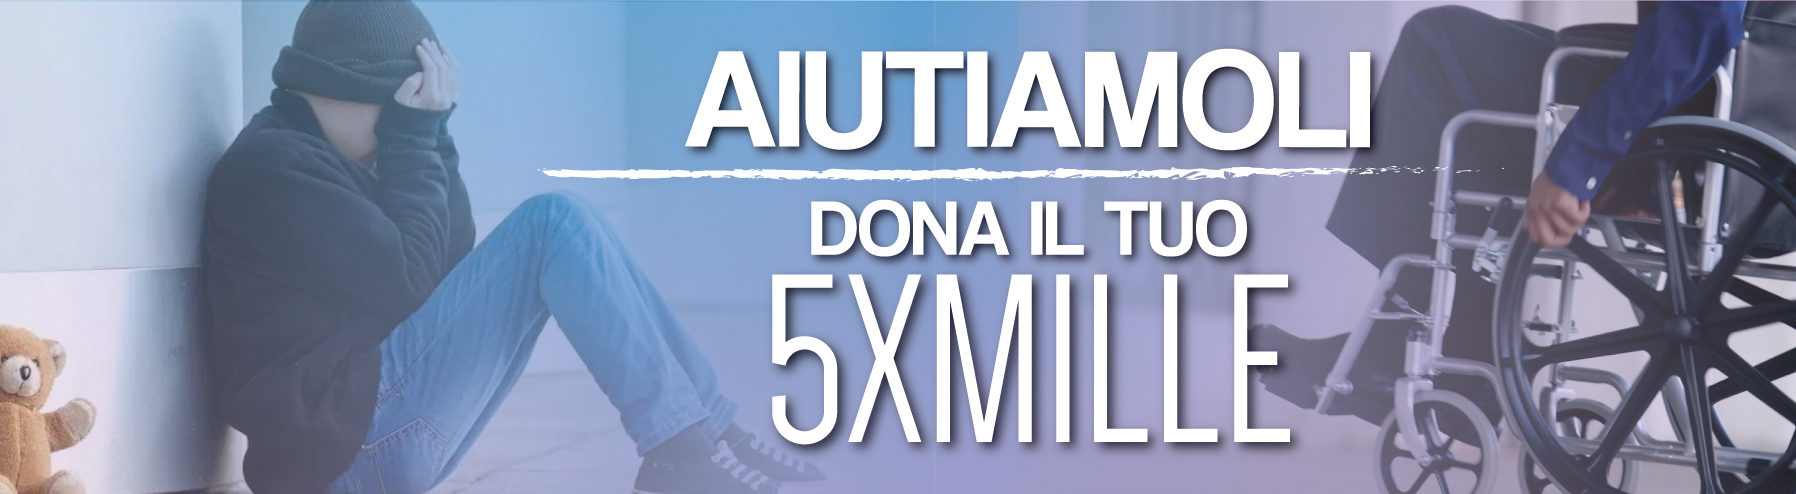 donazioni;aiutare;onlus;viediluce,5x1000;famiglie povere